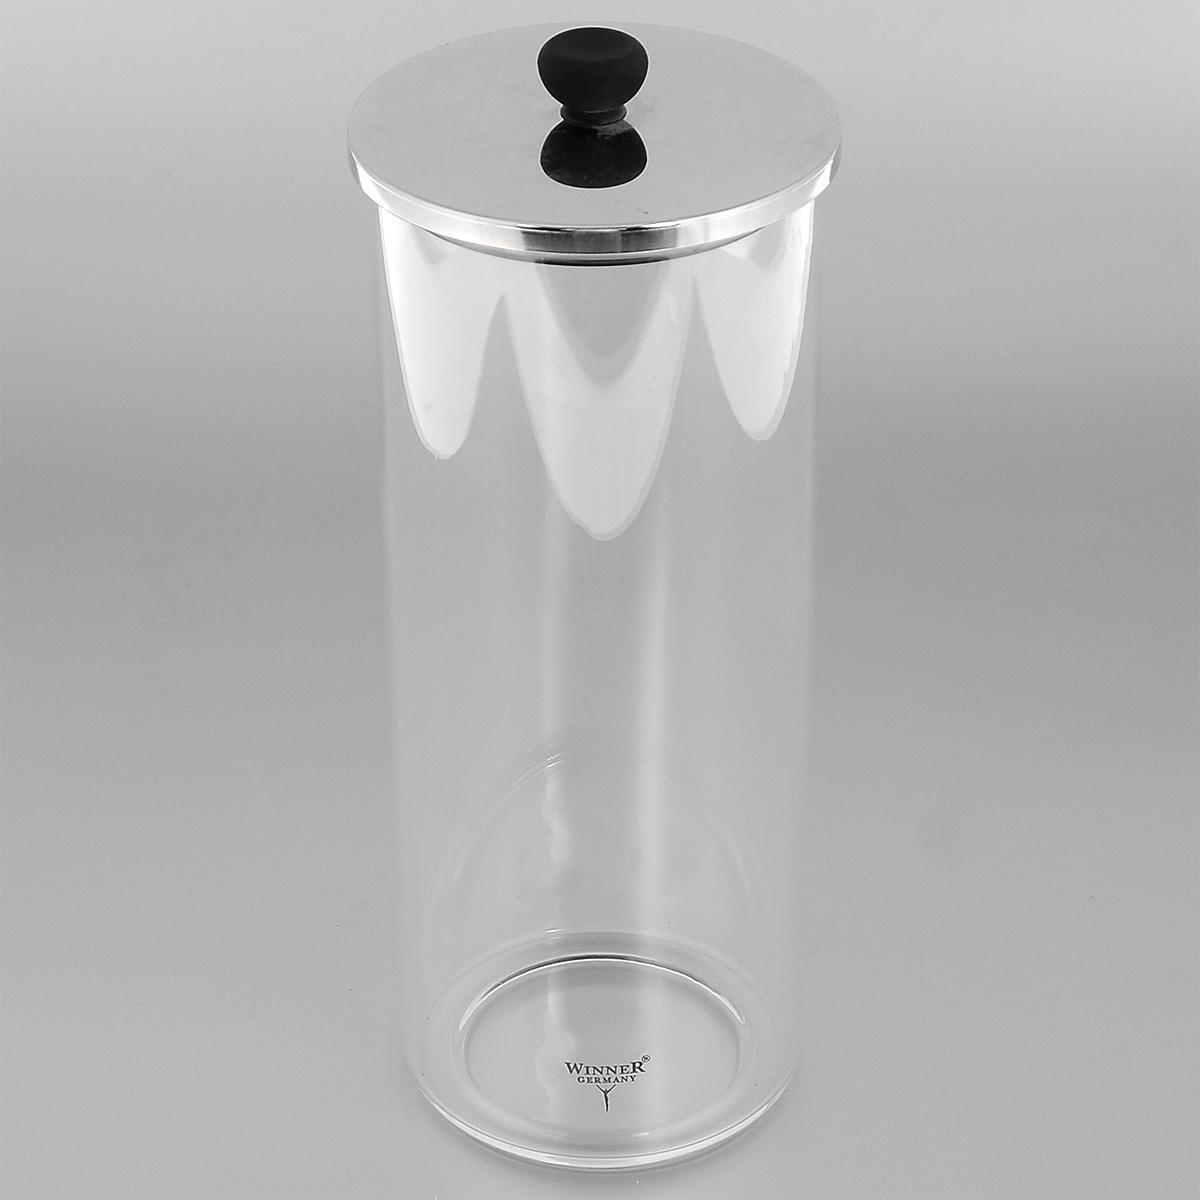 Контейнер для сыпучих продуктов Winner, 1,2 лWR-6905Контейнер Winner, выполненный из высококачественного стекла, станет незаменимым помощником на кухне. В нем будет удобно хранить разнообразные сыпучие продукты, такие как кофе, крупы, макароны или специи. Контейнер снабжен герметичной крышкой из нержавеющей стали с силиконовым уплотнителем, благодаря чему продукты в нем дольше останутся свежими. Контейнер Winner станет достойным дополнением к кухонному инвентарю.Диаметр: 9,5 см.Высота (без учета крышки): 22 см.Объем: 1,2 л.